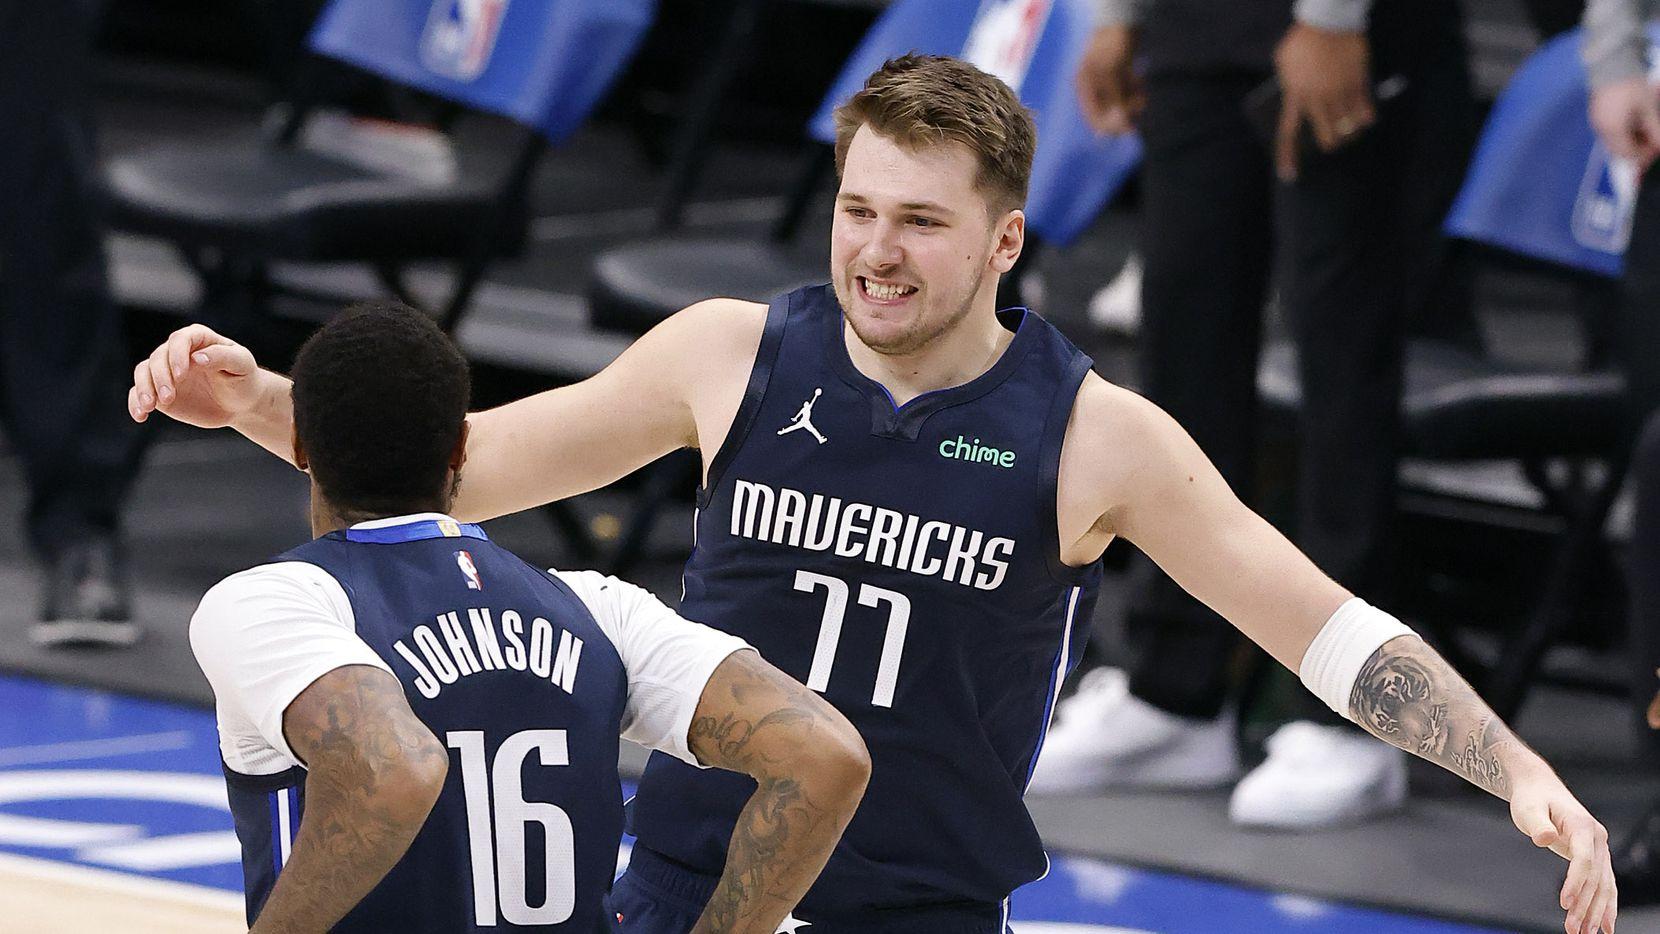 El guardia de los Dallas Mavericks Luka Doncic (77) celebra su anotación que le dio la victoria al equipo ante los Celtics de Boston el 23 de febrero en Dallas.